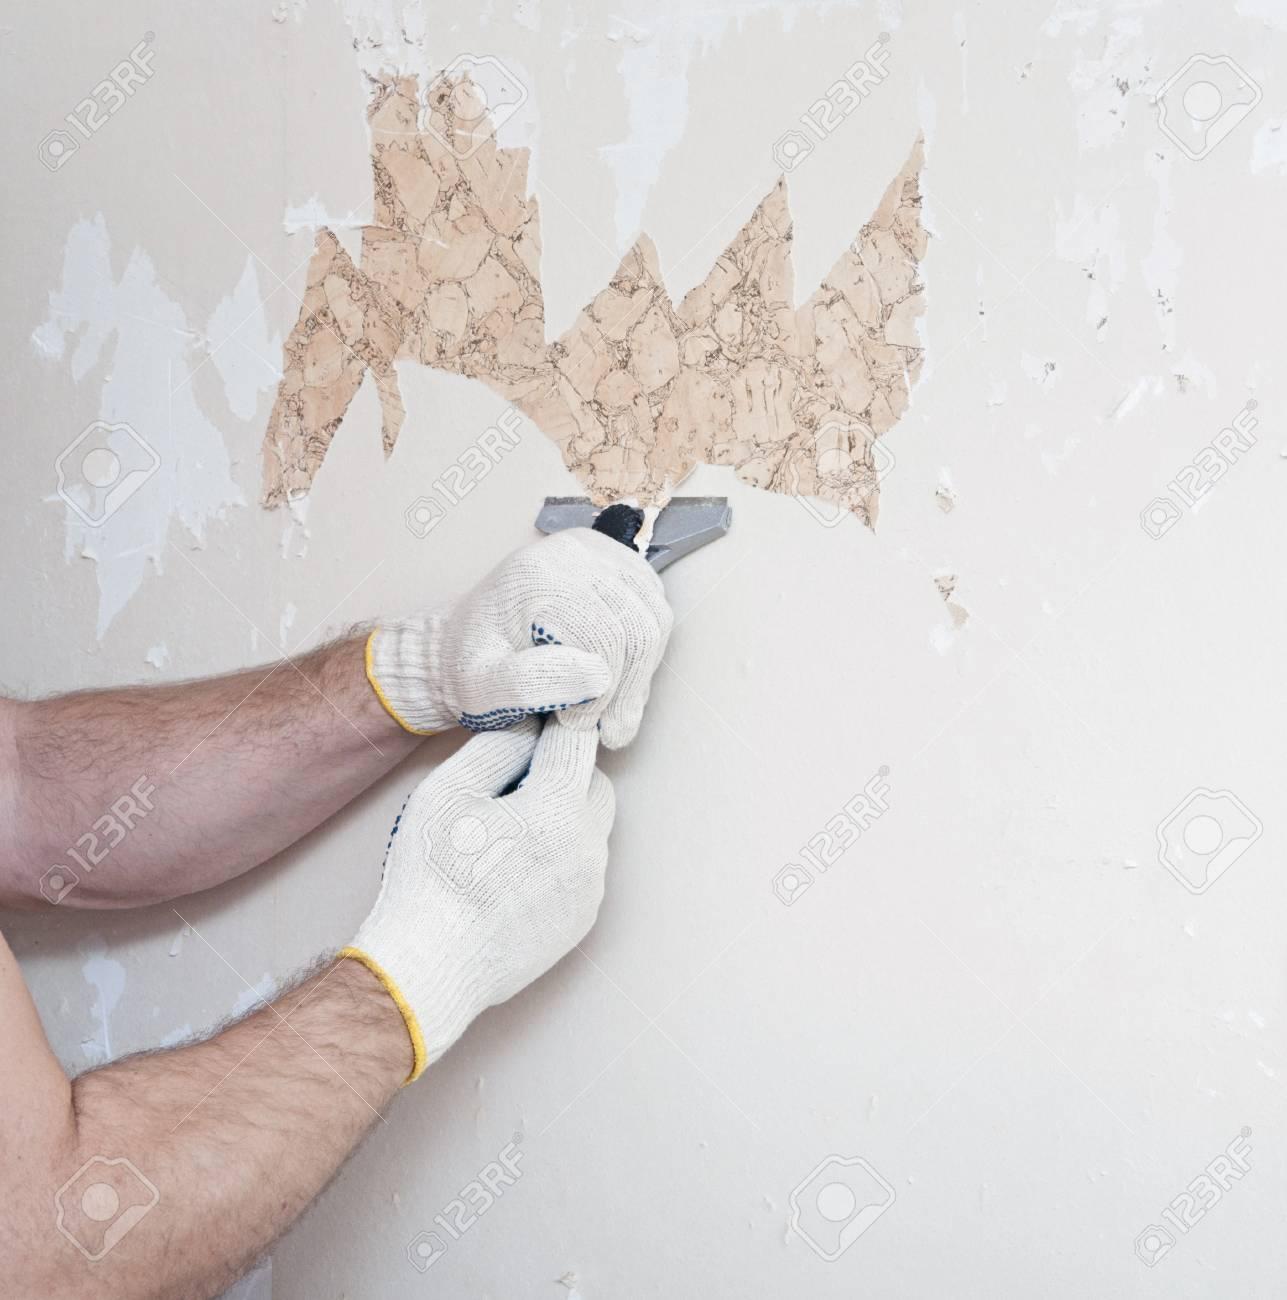 手は壁からの壁紙の削除 の写真素材 画像素材 Image